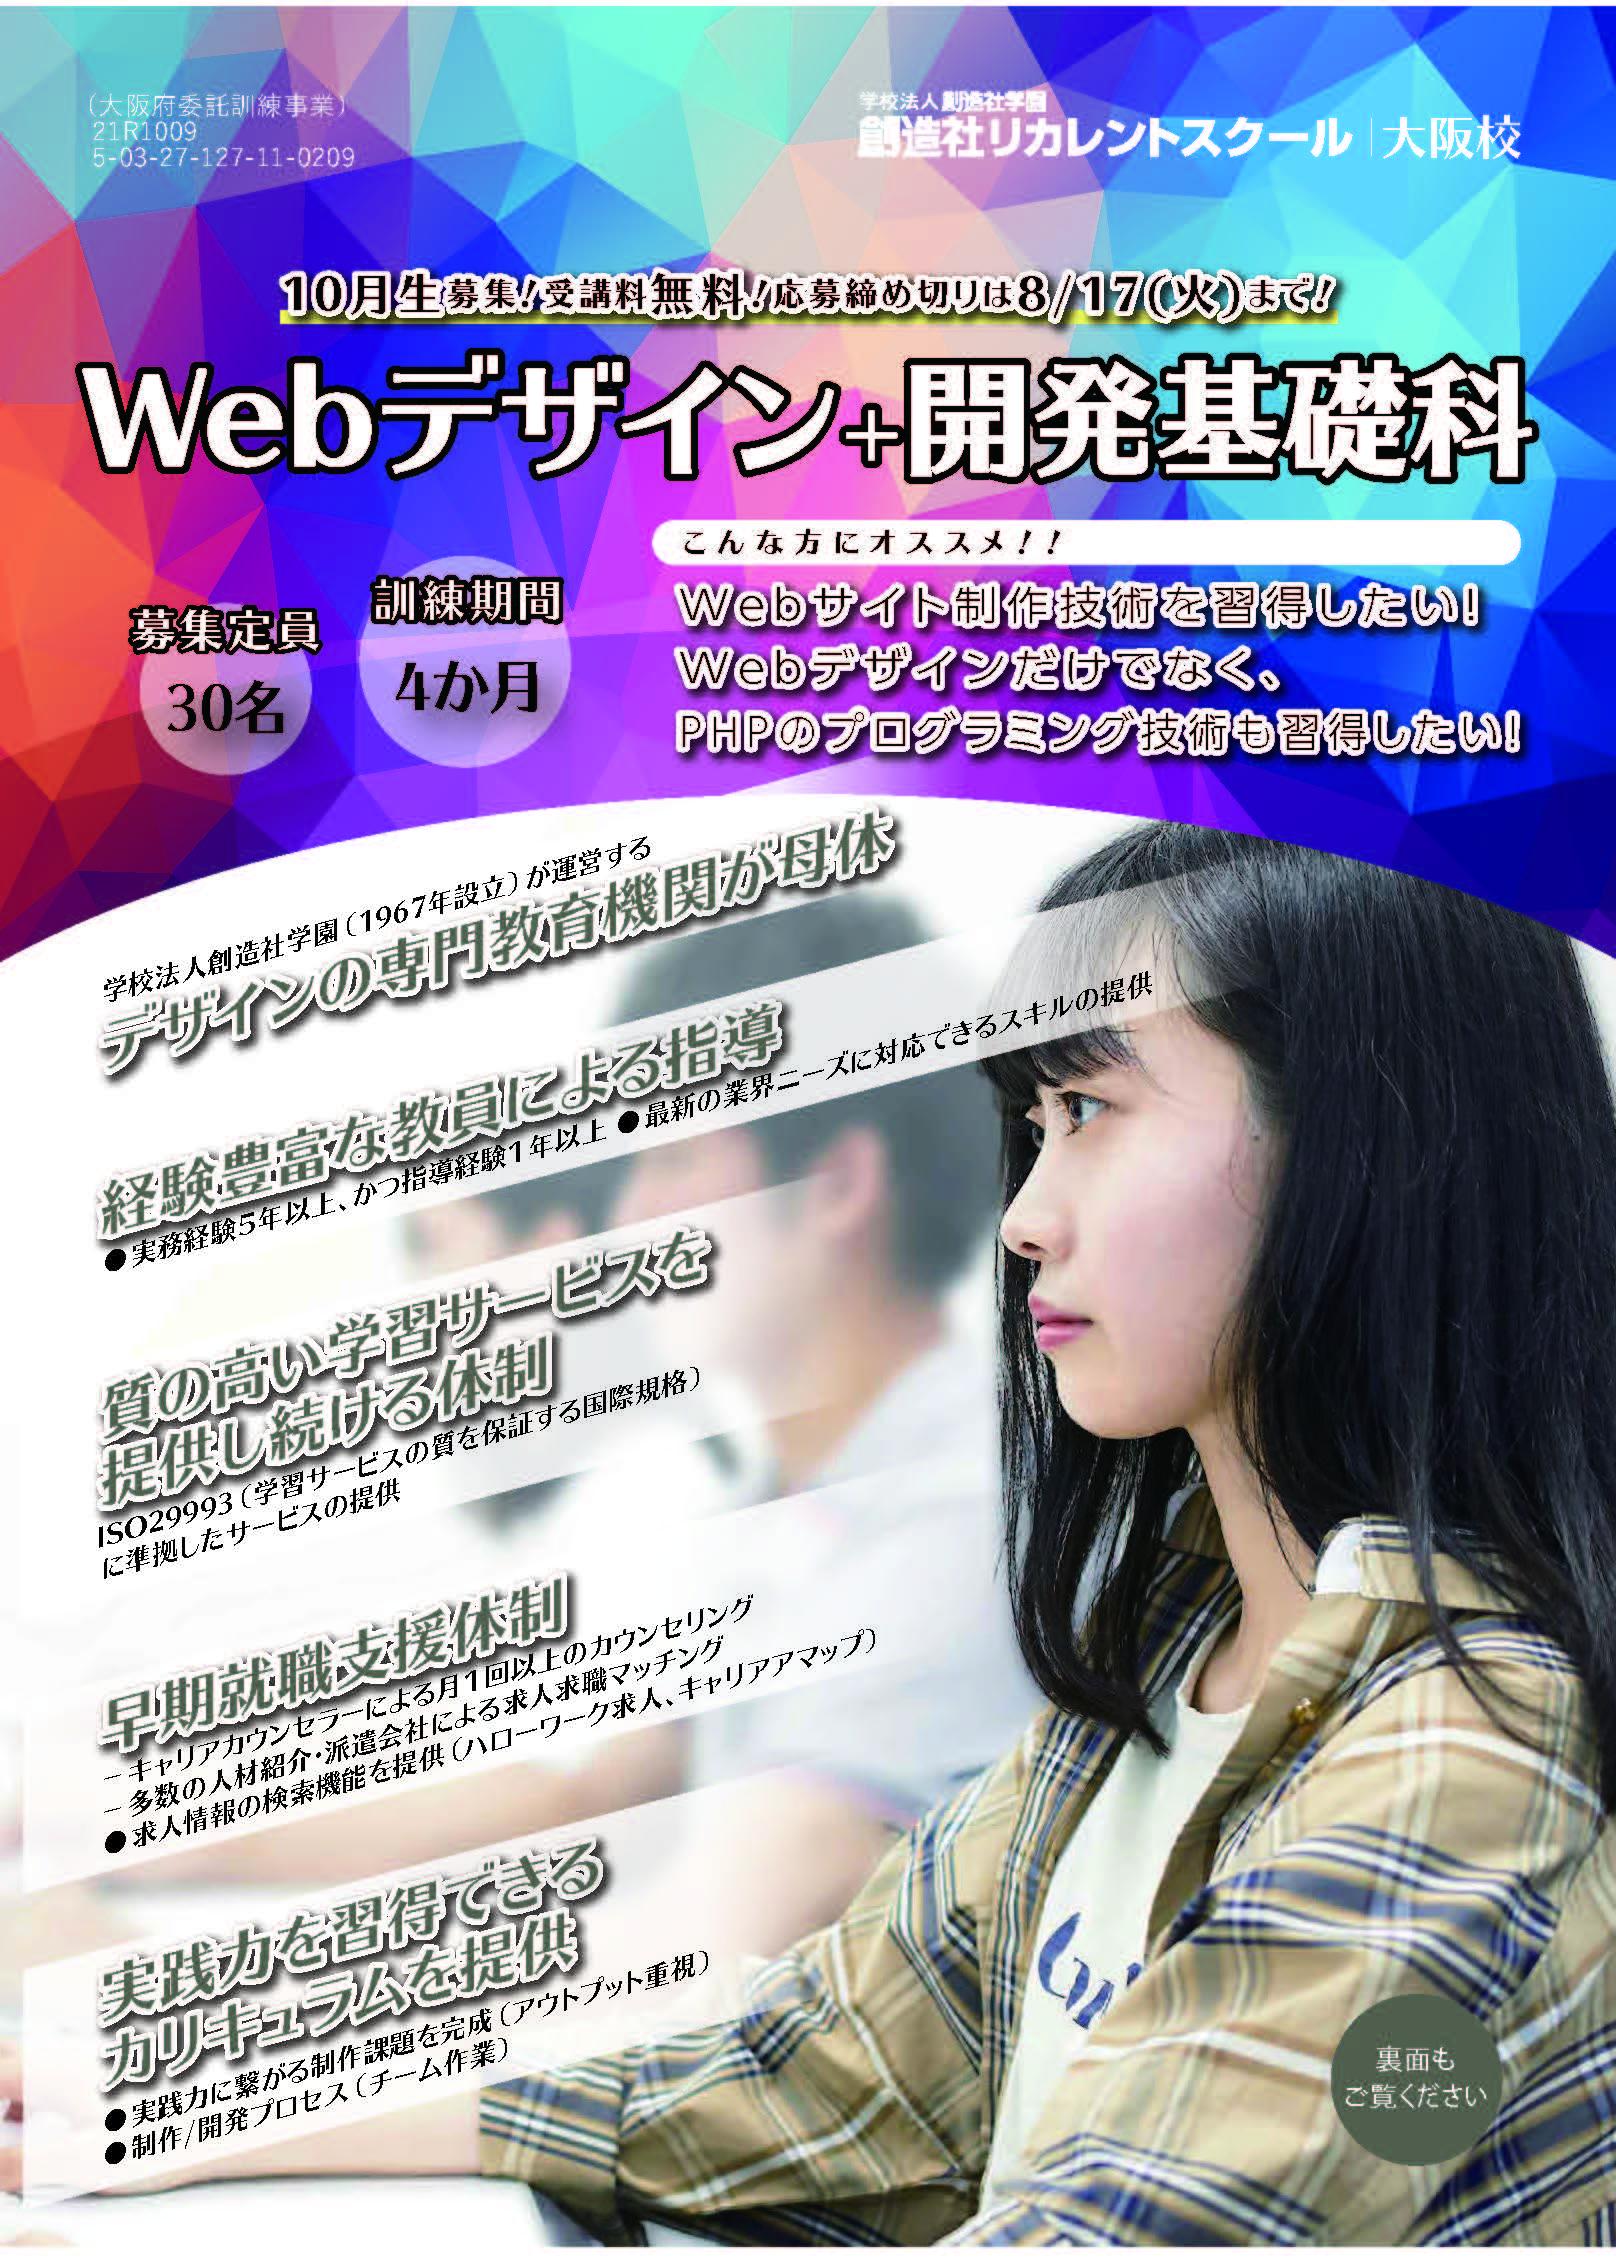 学校法人創造社学園創造社リカレントスクール Webデザイン+開発基礎科